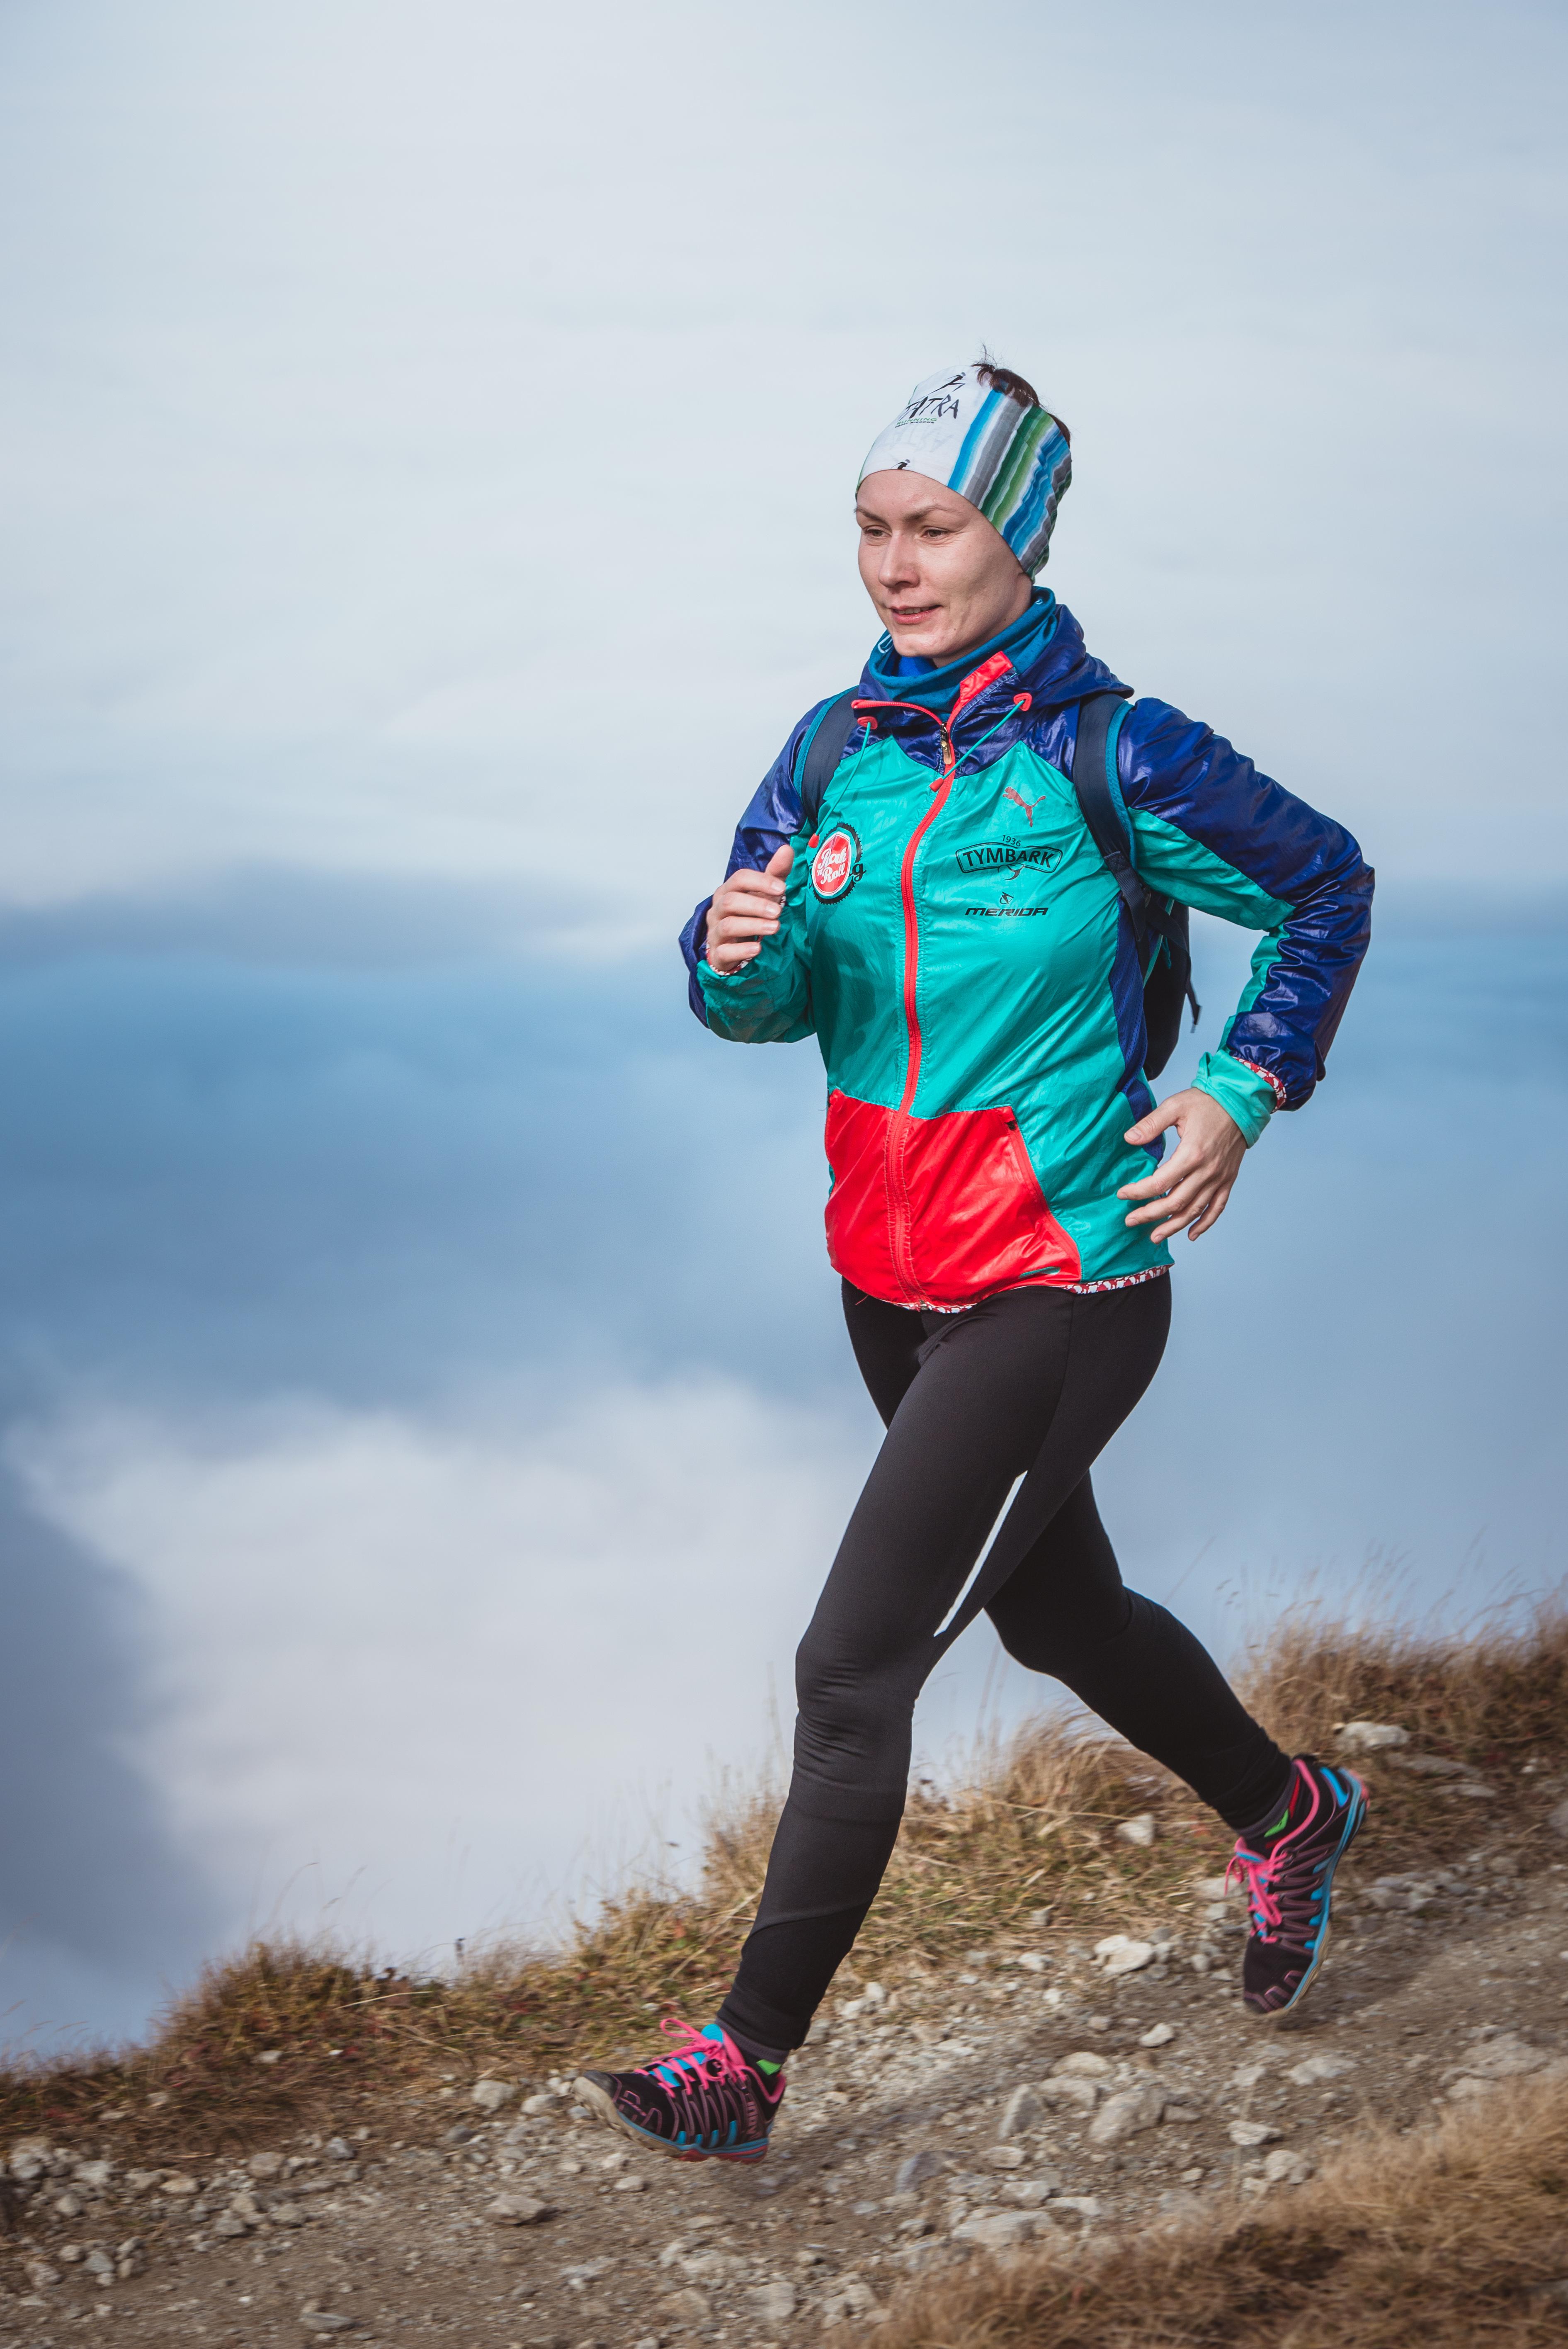 oboz-biegowy-tatra-runing-zdj-magdalena-stawiszynska-fotografia-2